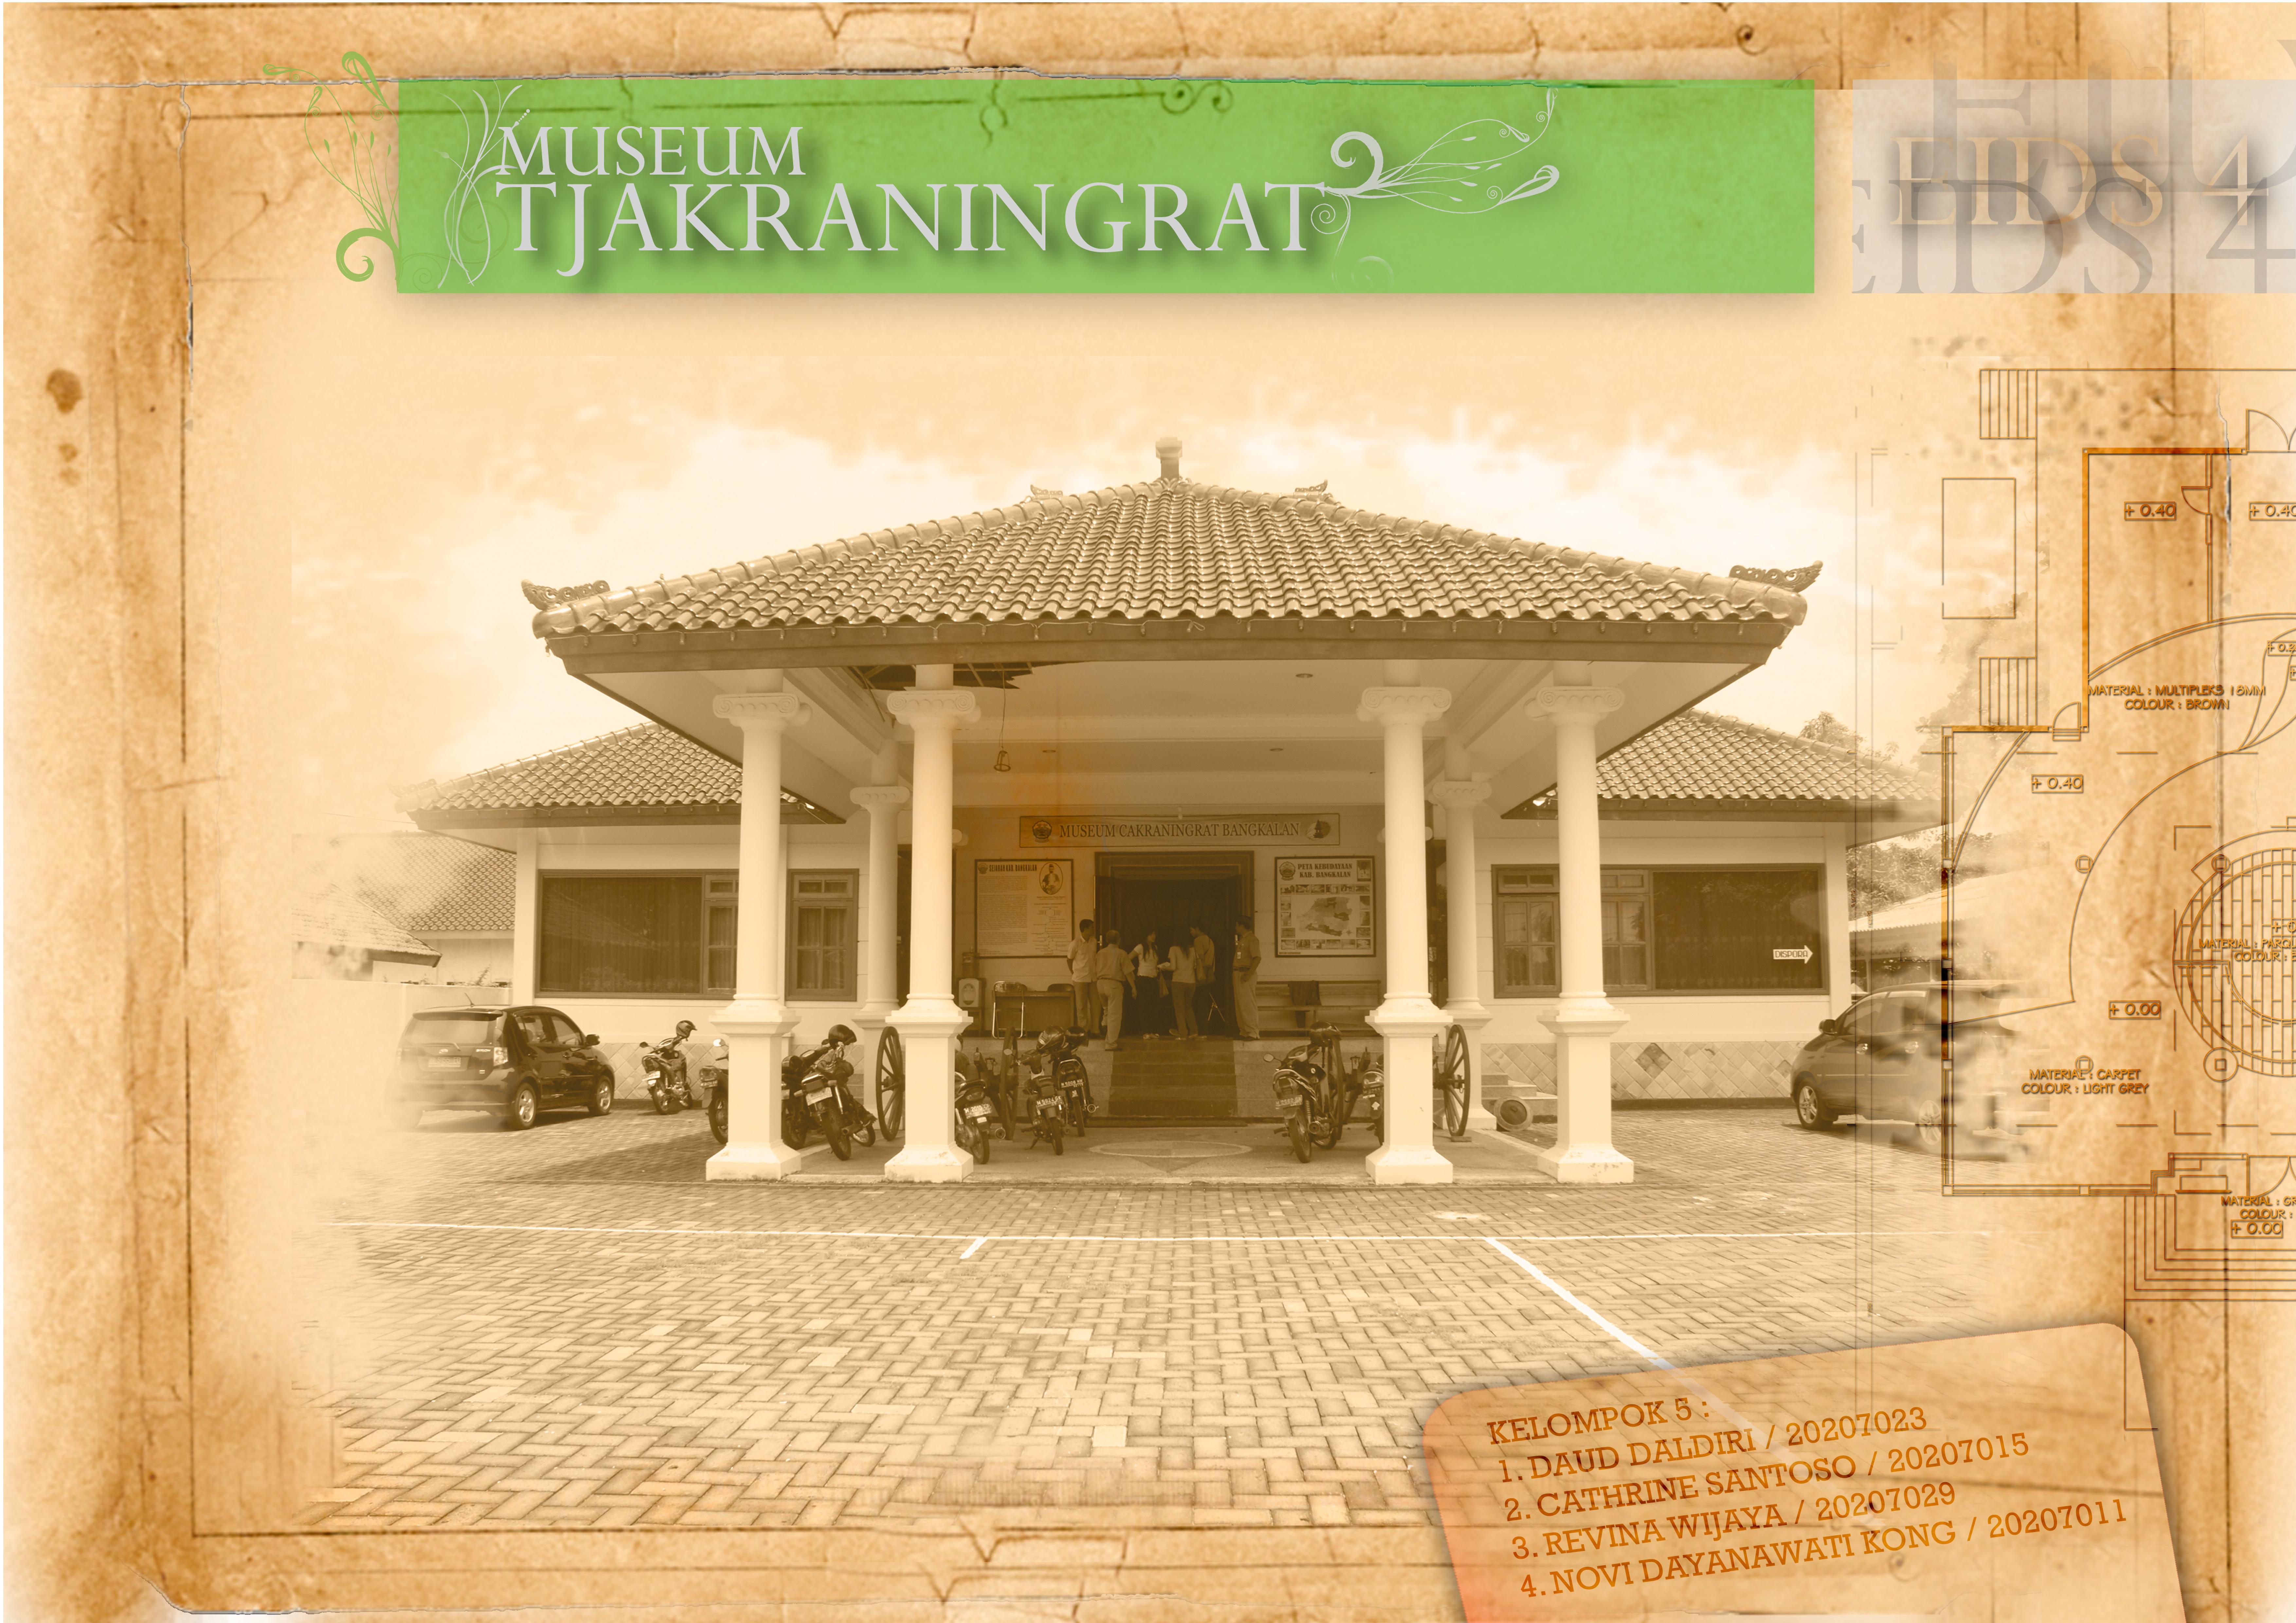 Tentang Museum Dairizign Data Ubur Musium Cakraningrat Kab Bangkalan